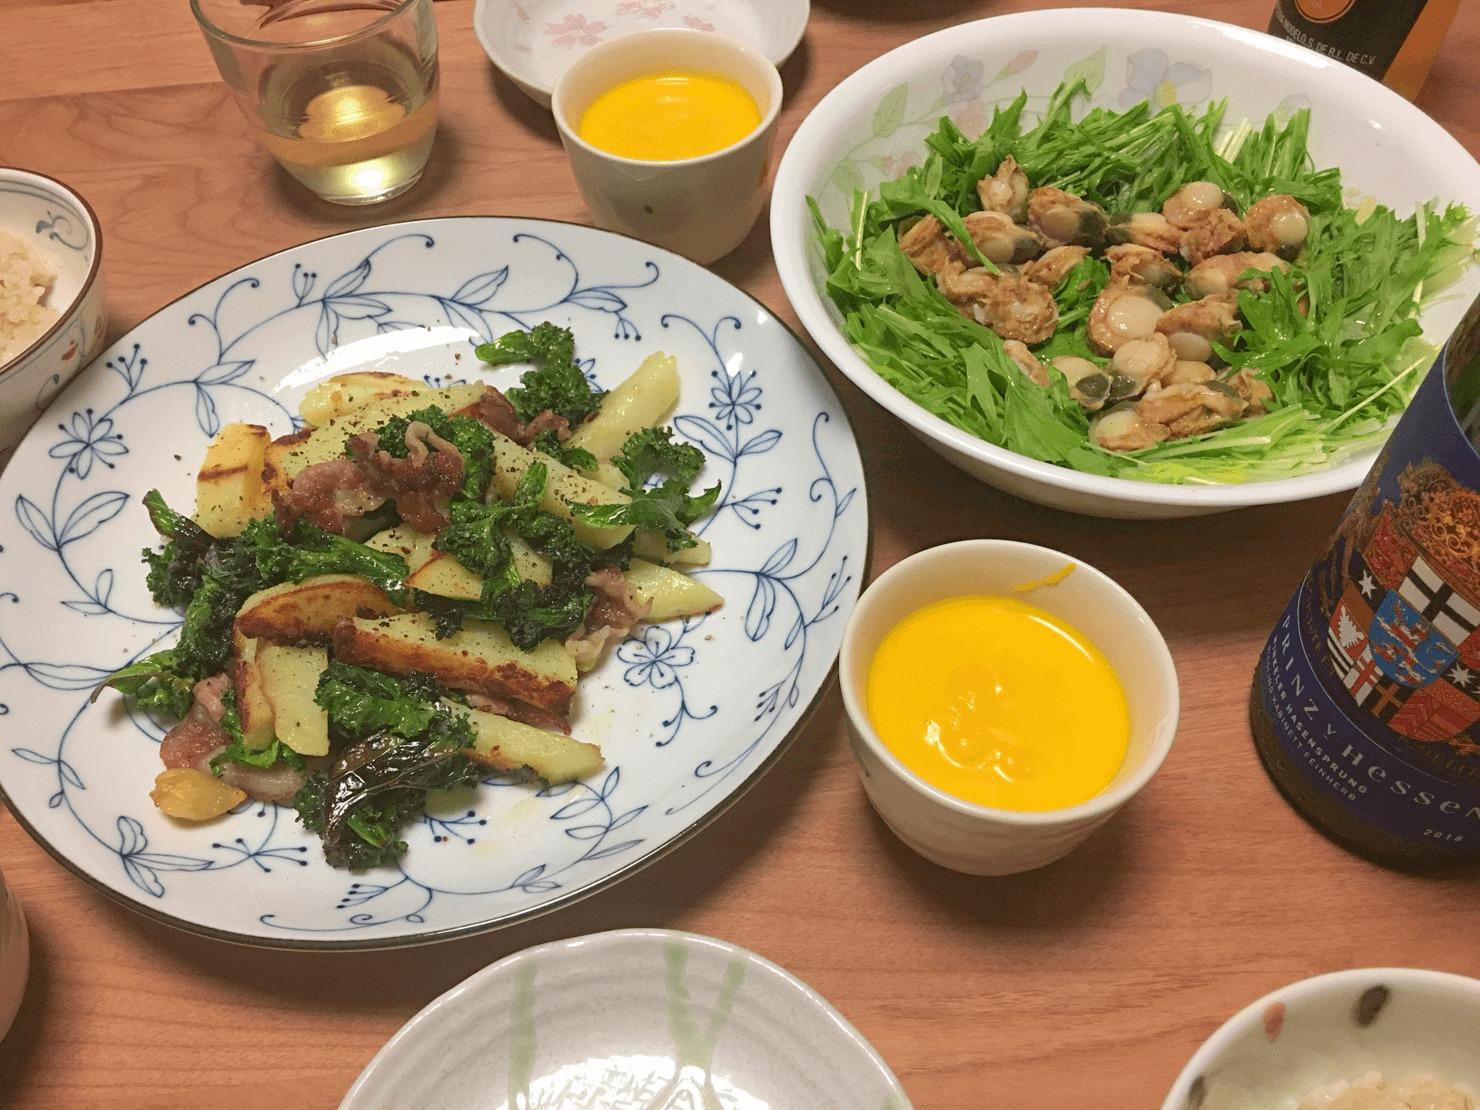 ケールとじゃがいもの炒め物の日の夕飯の写真